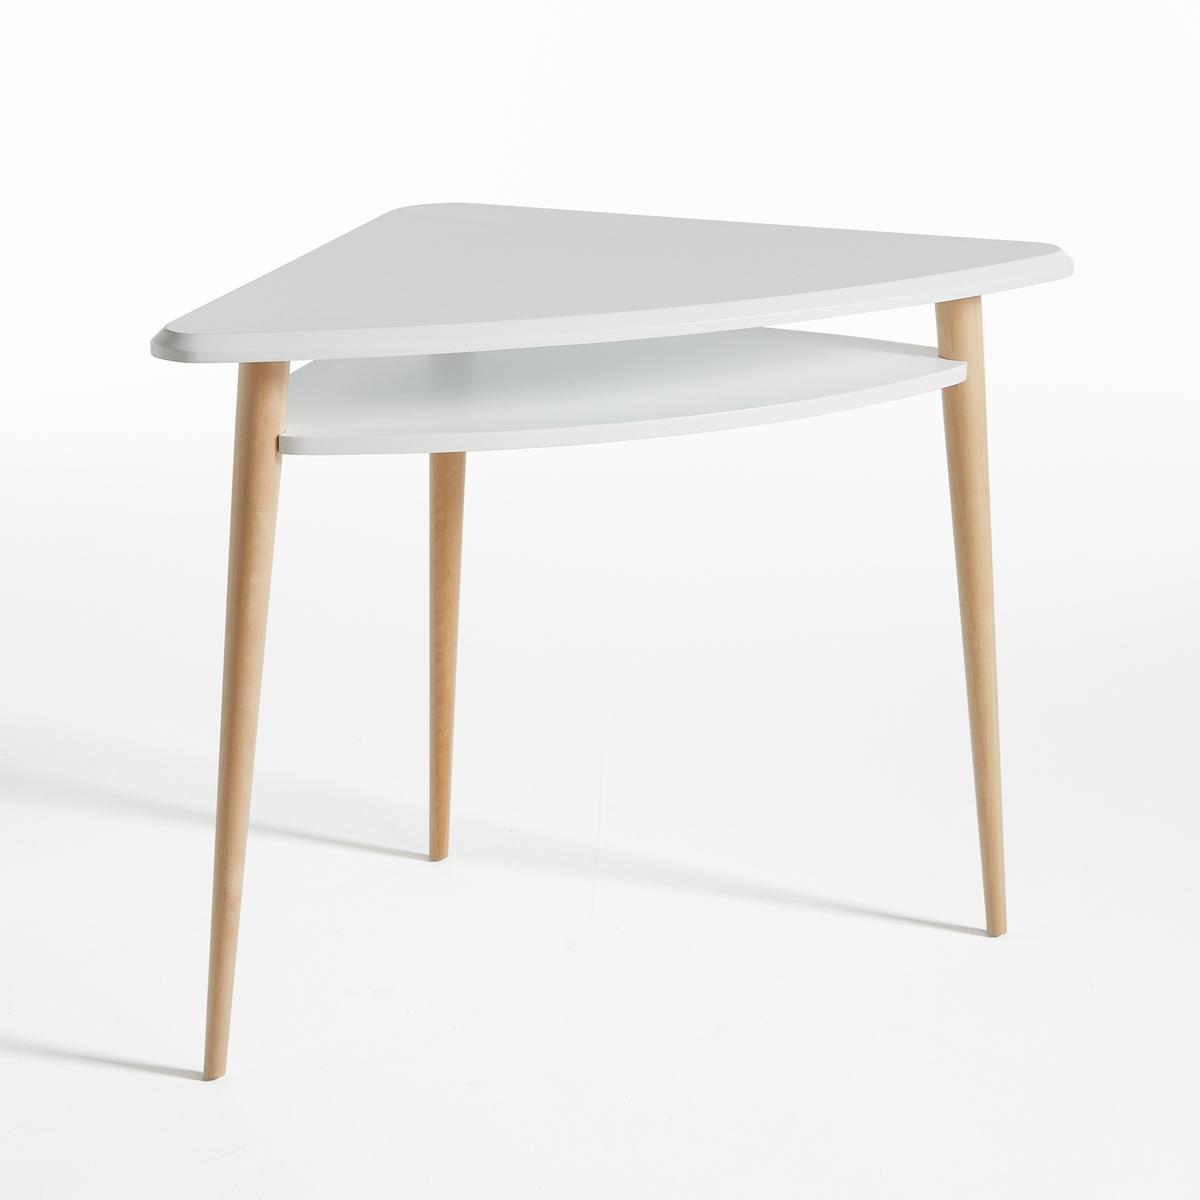 Стол письменный угловой JIMIУгловой письменный стол JIMI. Угловой или обычный письменный стол в скандинавском стиле идеальных пропорций. Классическая и утонченная модель украсит комнату или гостиную.                                                    Описание письменного стола JIMI  :  2 столешницы.    Характеристики стола JIMI :  Столешницы из МДФ с лаковым полиуретановым покрытием   Ножки из массива березы с лаковым нитроцеллюлозным покрытием.    Всю коллекцию JIMI Вы найдете на сайте laredoute.ru    Размеры стола JIMI :  Общие :  Длина : 75,4 см  Высота : 75 см  Глубина : 75,4 см    Размер и вес с упаковкой :  1 упаковка  Ш.98 x В.84,5 x Г.11 см  16 кг     Доставка :  Угловой письменный стол JIMI поставляется в разобранном виде. Доставка будет осуществлена до квартиры по предварительной договоренности !  Внимание ! Убедитесь, что дверные, лестничные и лифтовые проемы позволяют осущетвить доставку коробки/ок таких габаритов.<br><br>Цвет: белый